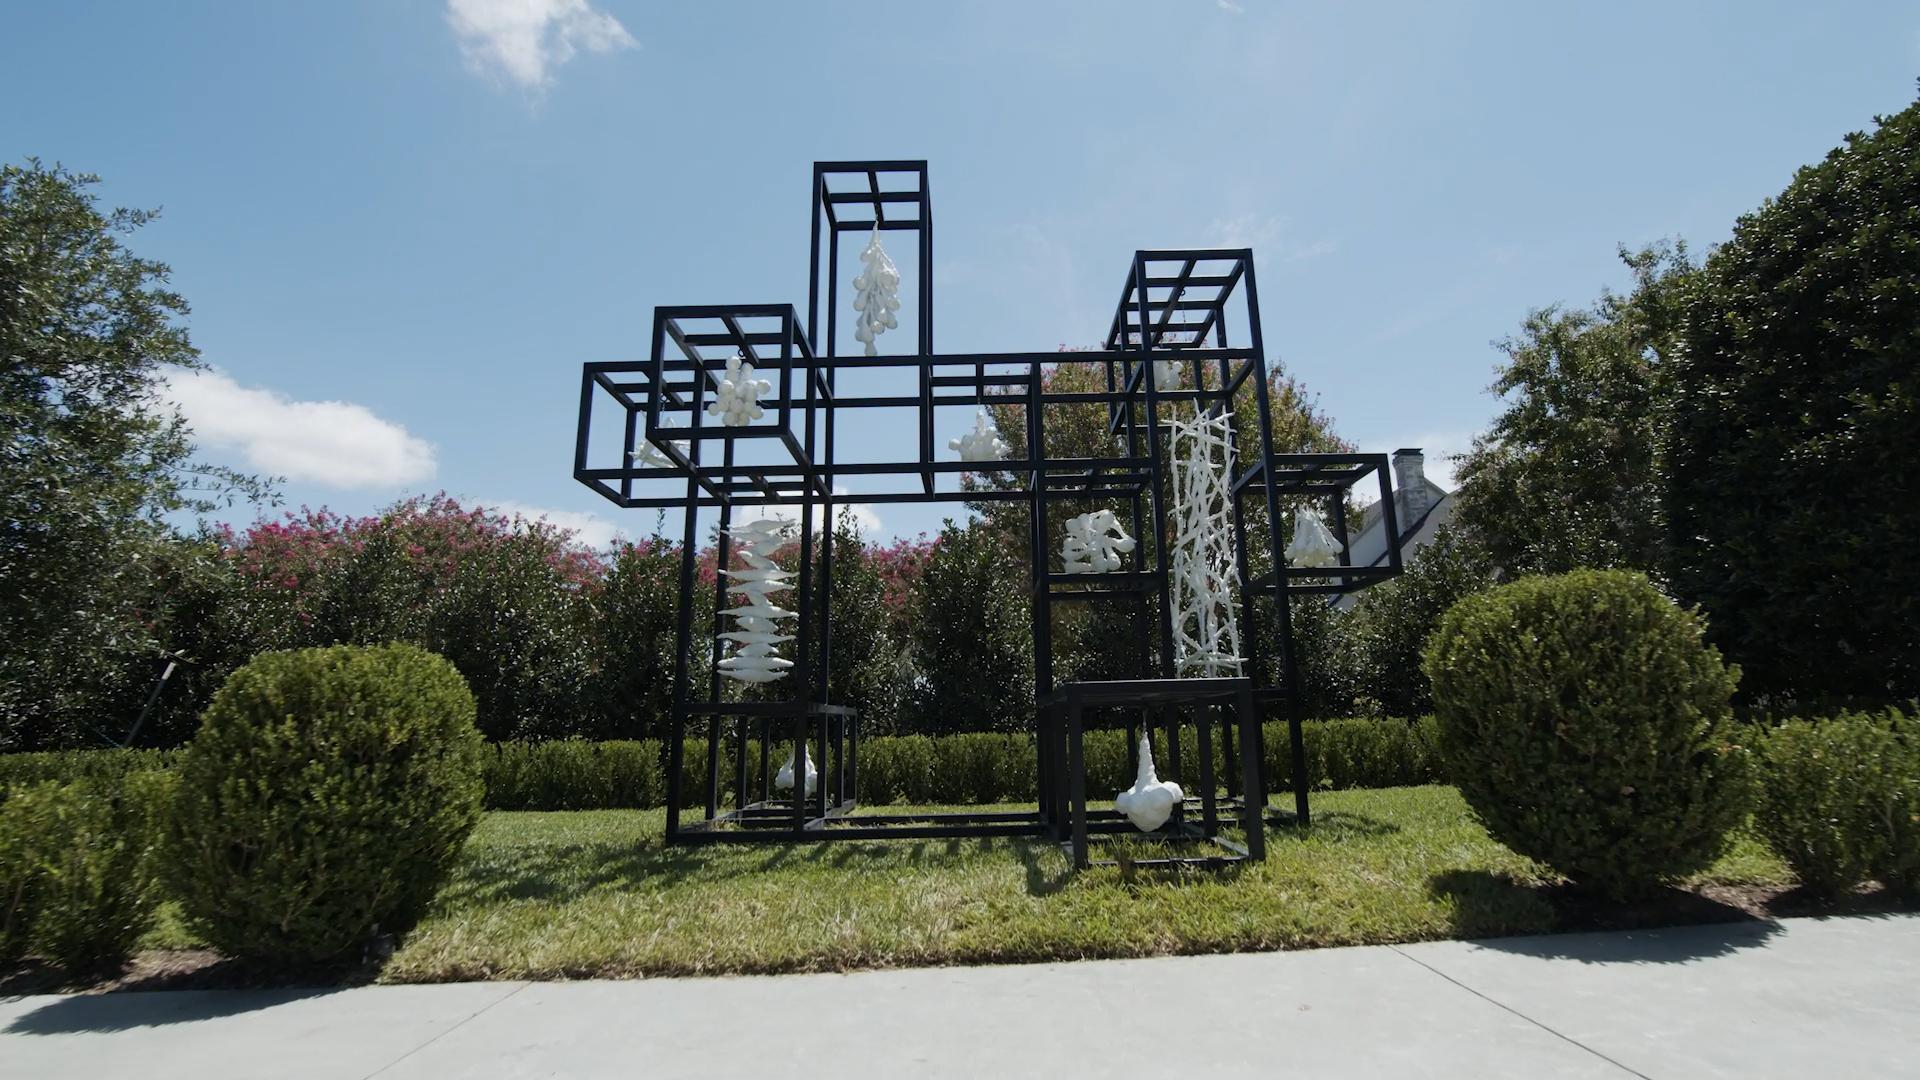 大黒貴之, 彫刻, Cosmos, 現代アート